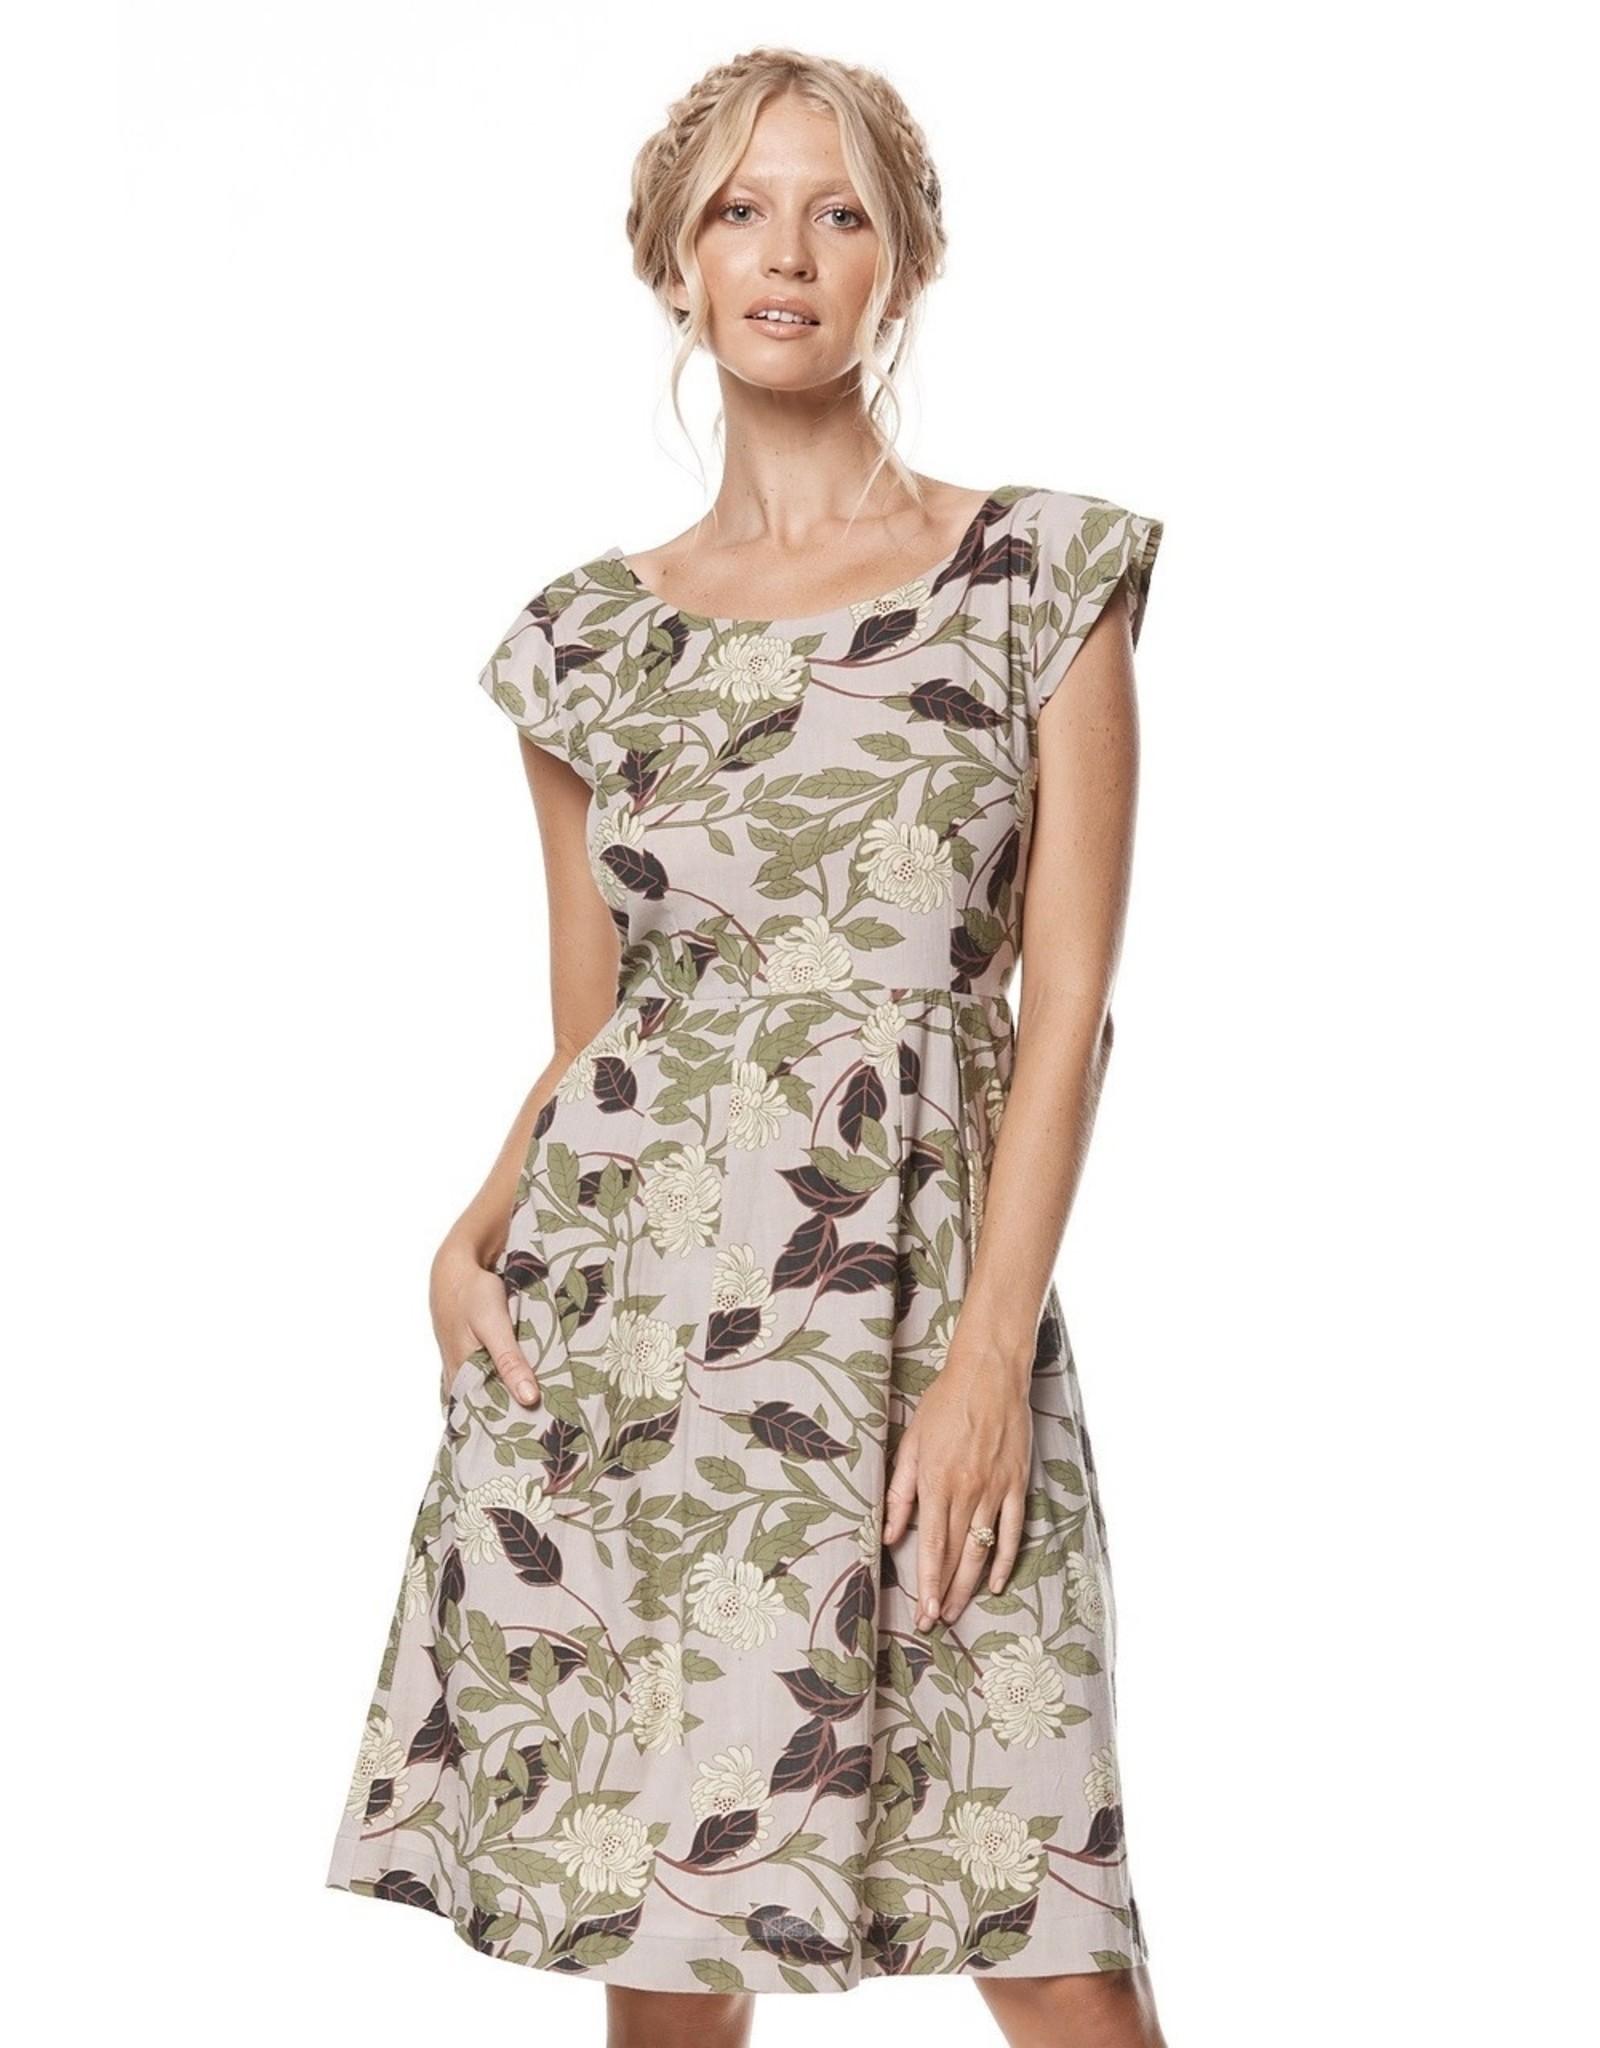 Mahashe Kalina Dress - Magnolia